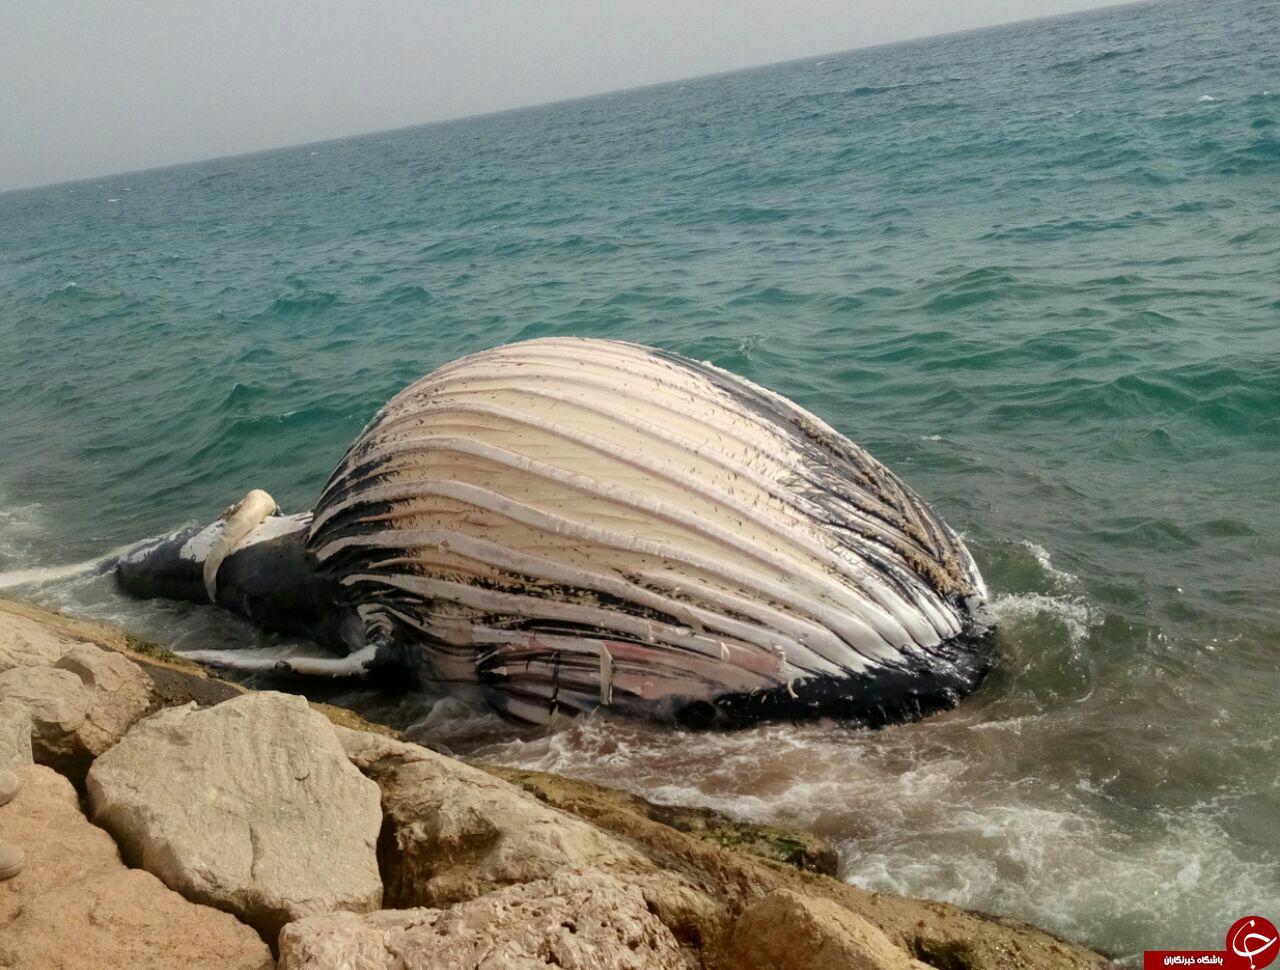 نهنگ به گِل نشسته در ساحل خلیج فارس + فیلم و تصاویر